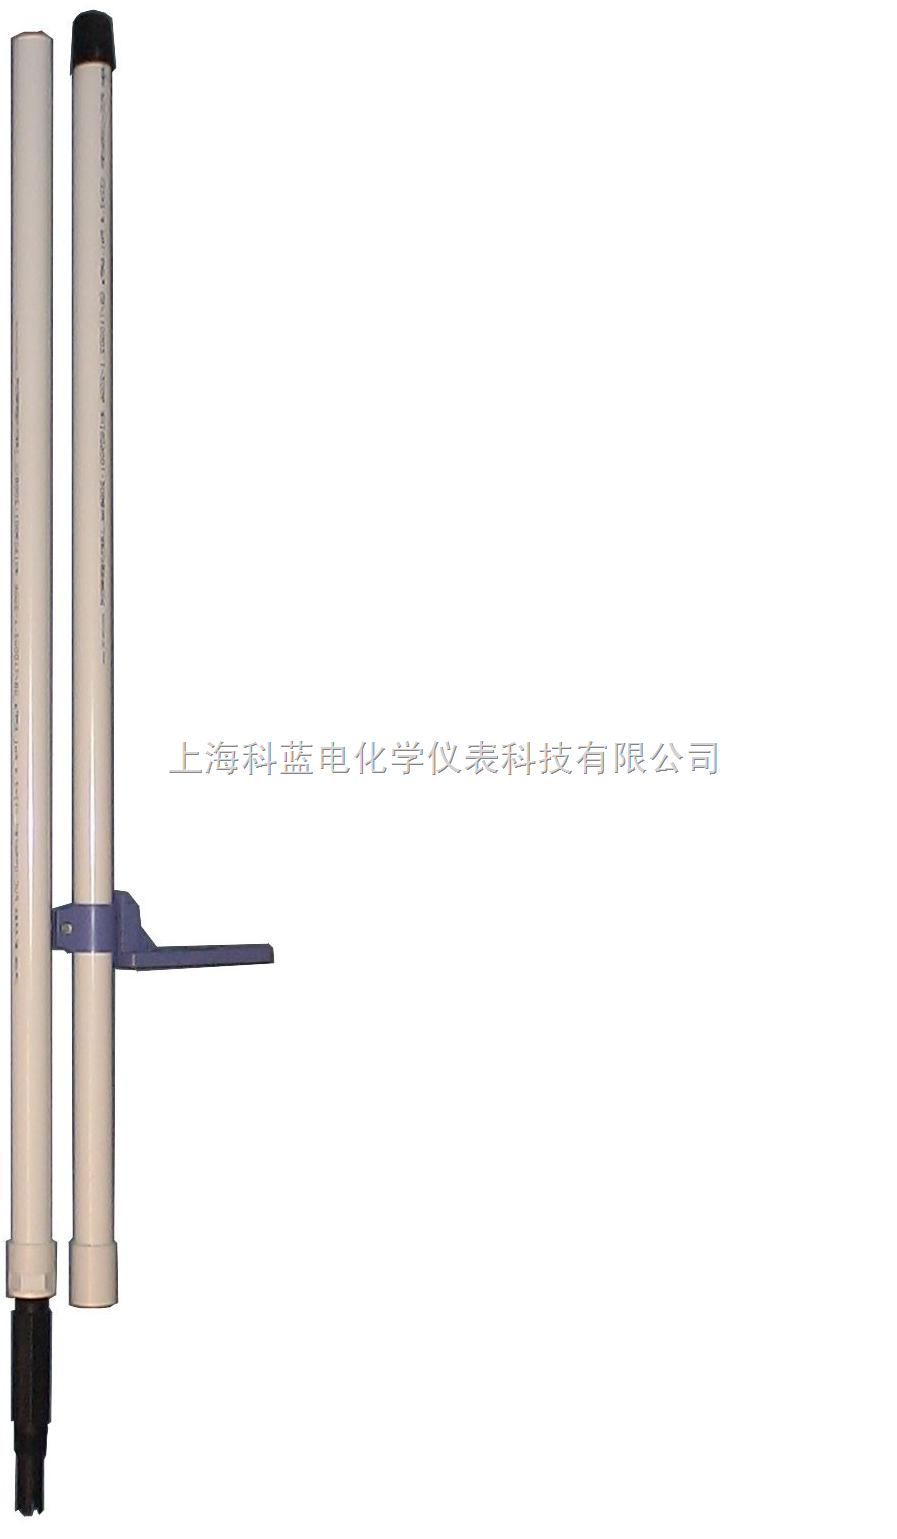 连接杆及支架